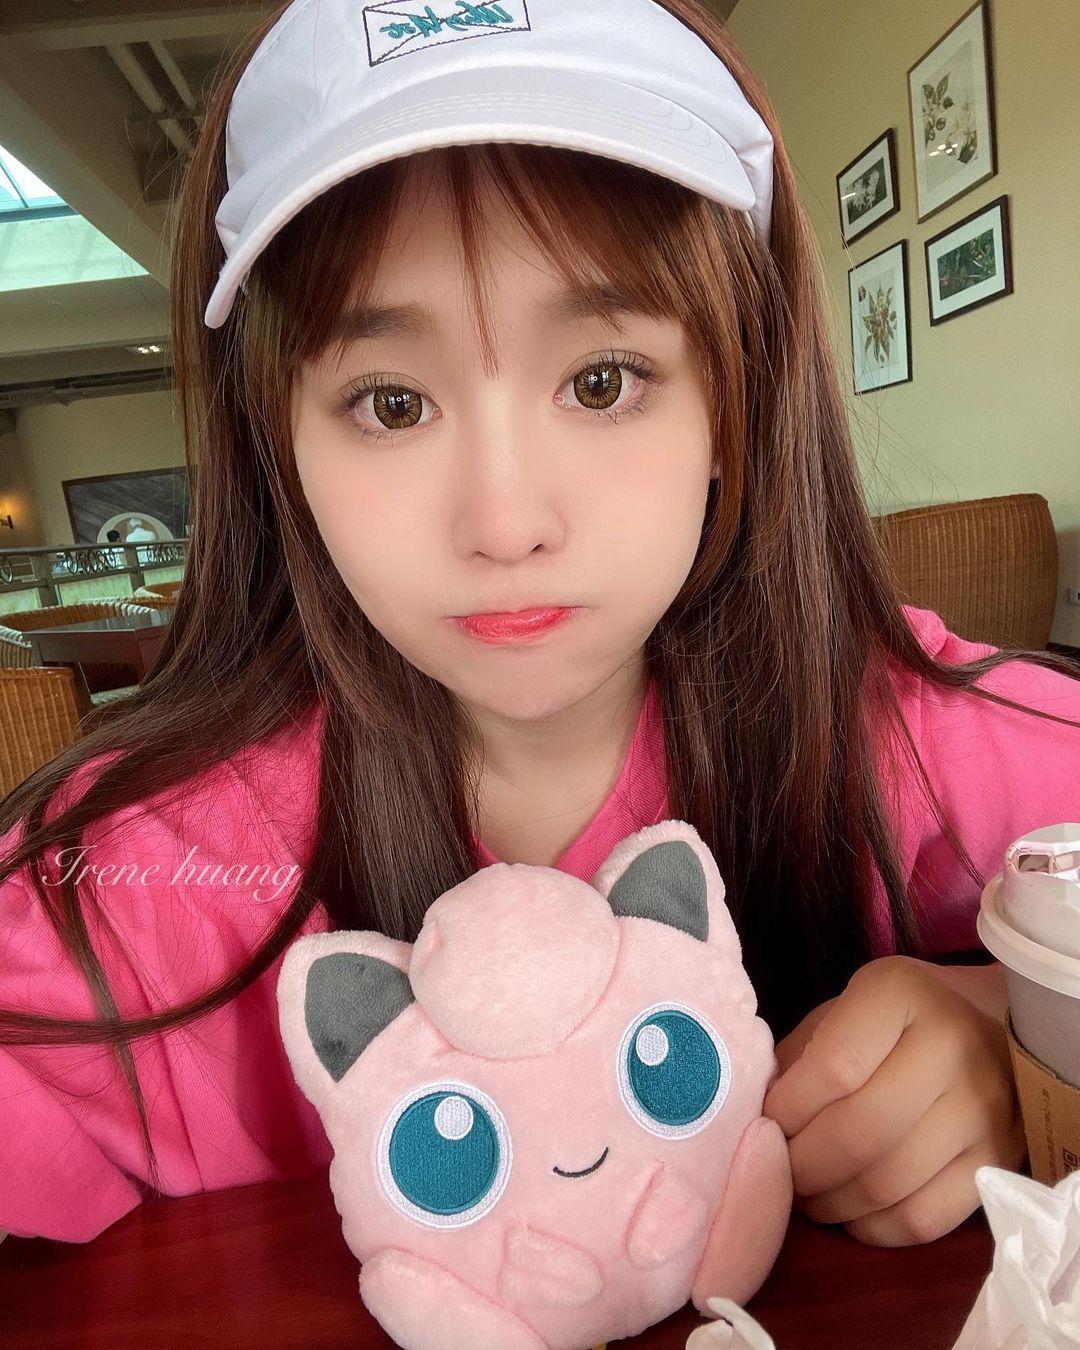 师范大学甜美美女「IreneHuang」玲珑有致好身材 养眼图片 第16张